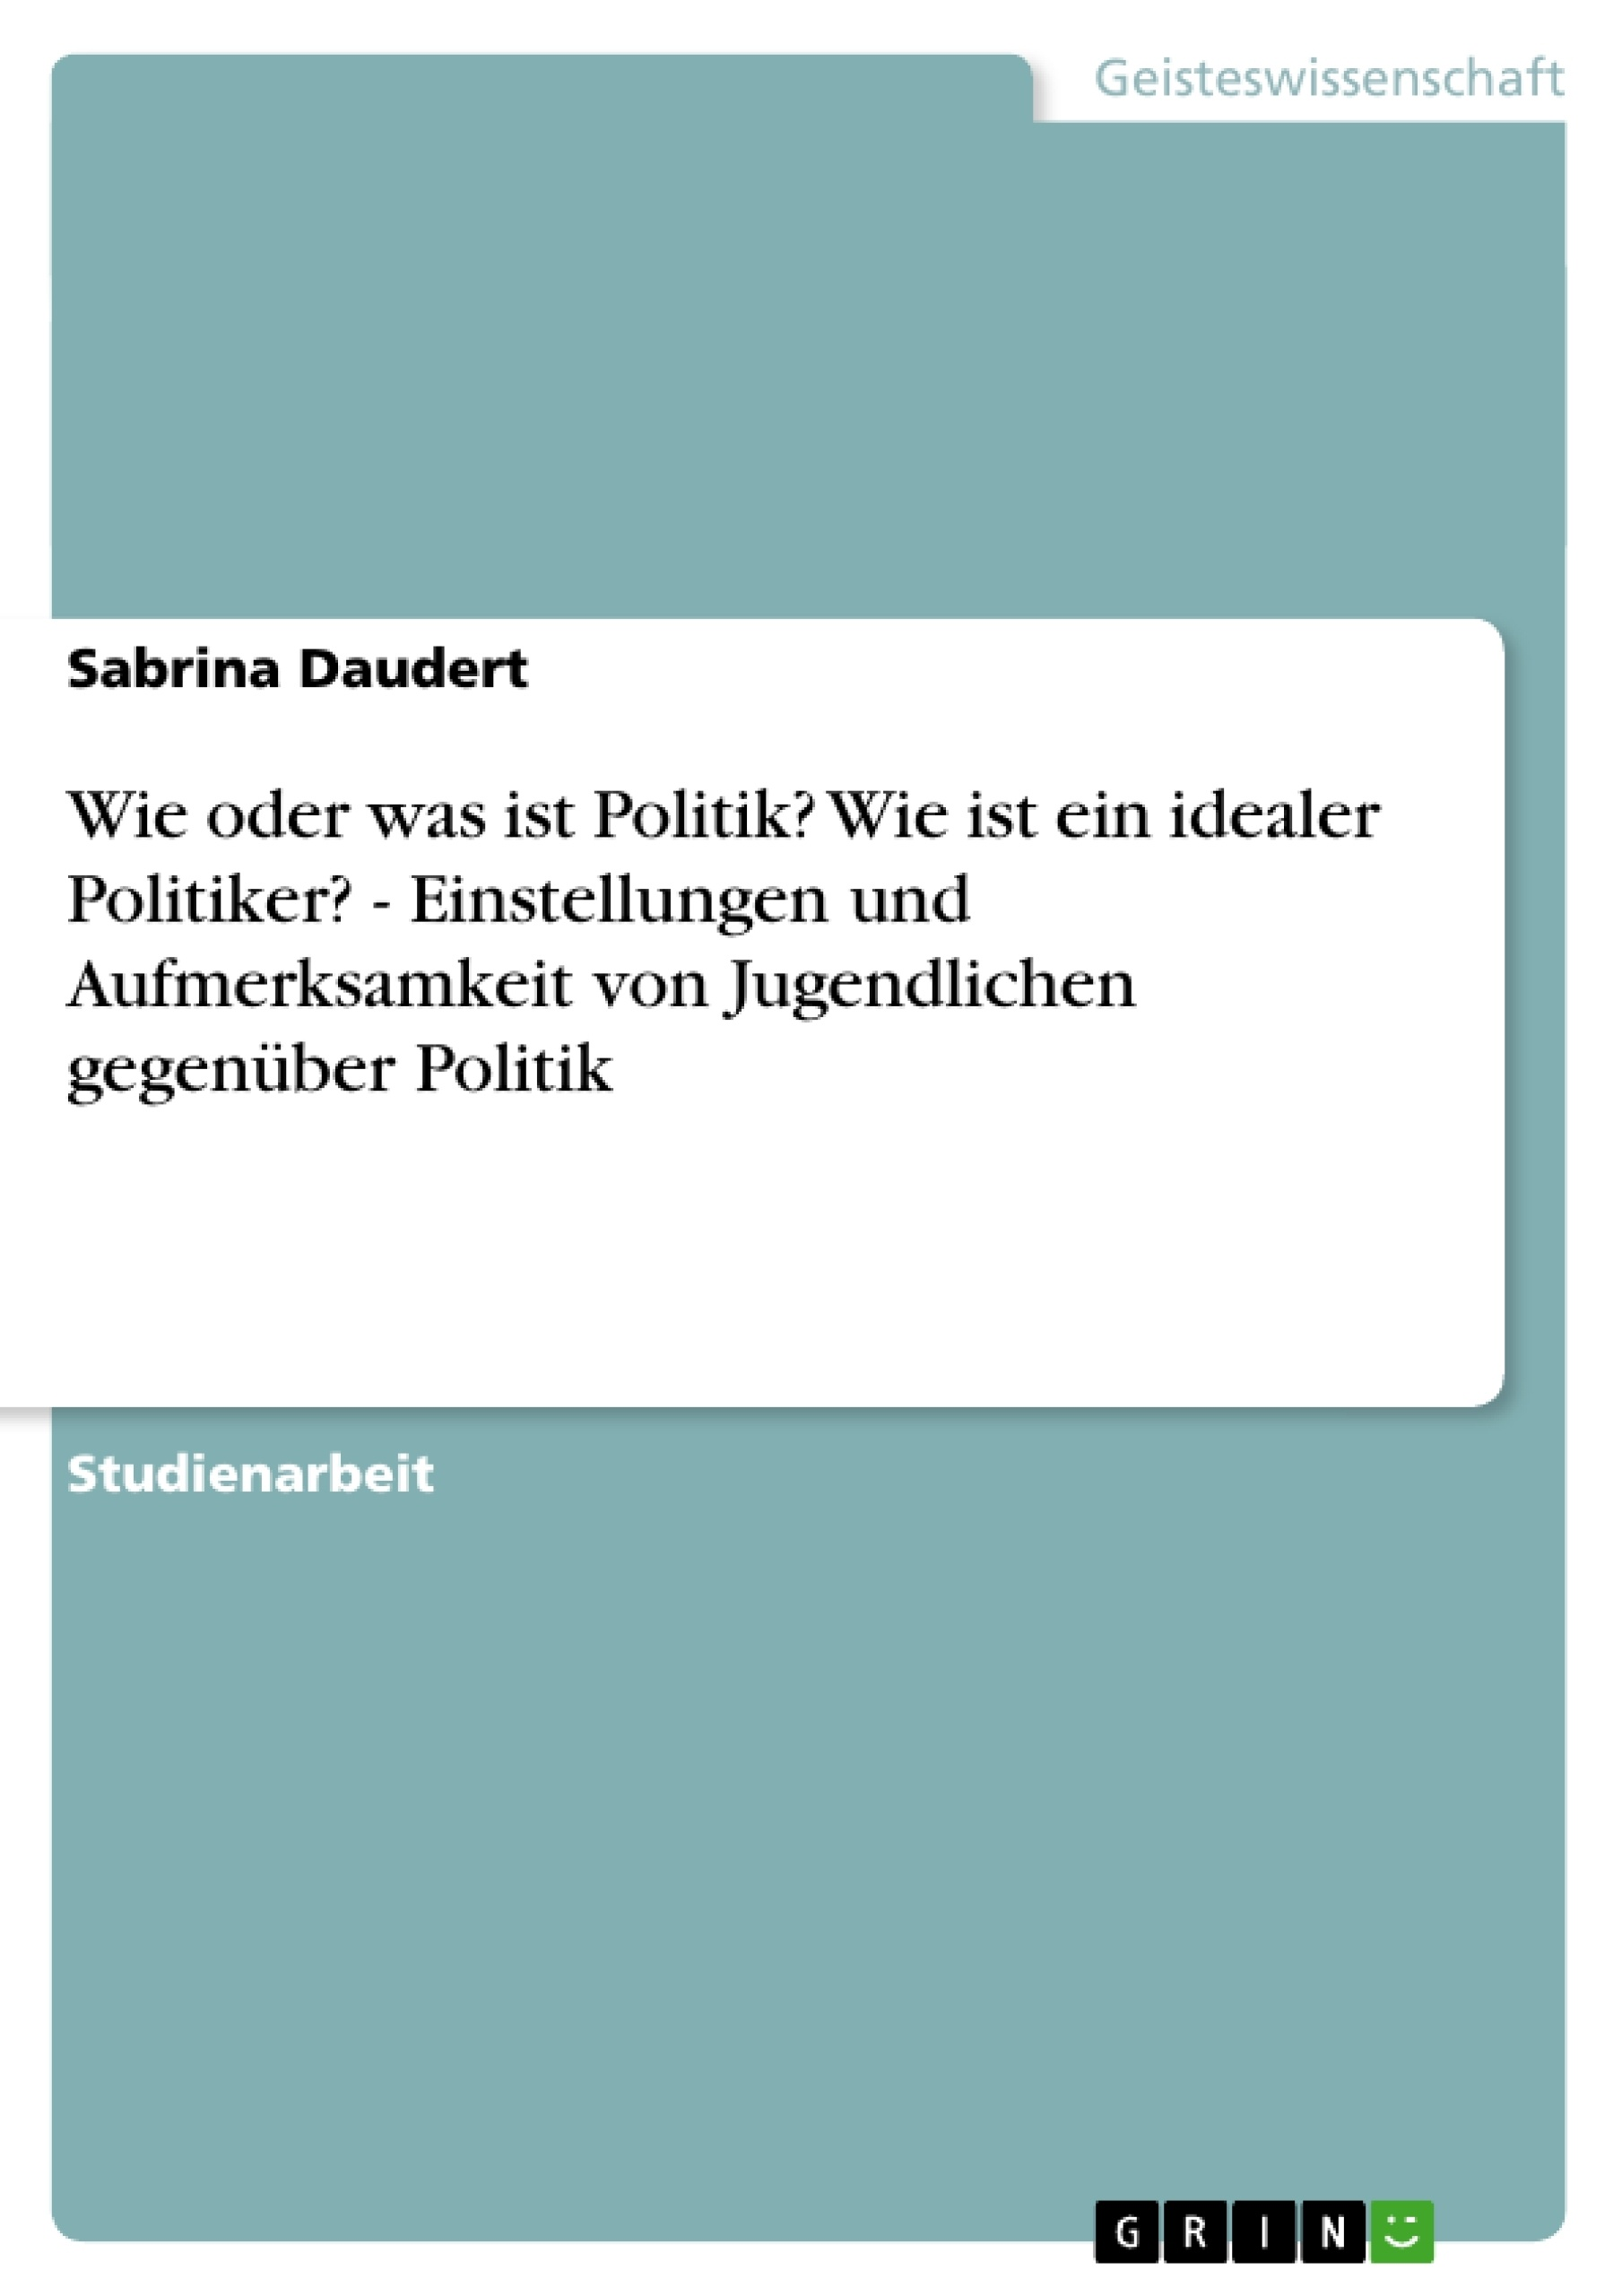 Titel: Wie oder was ist Politik? Wie ist ein idealer Politiker? - Einstellungen und Aufmerksamkeit von Jugendlichen gegenüber Politik